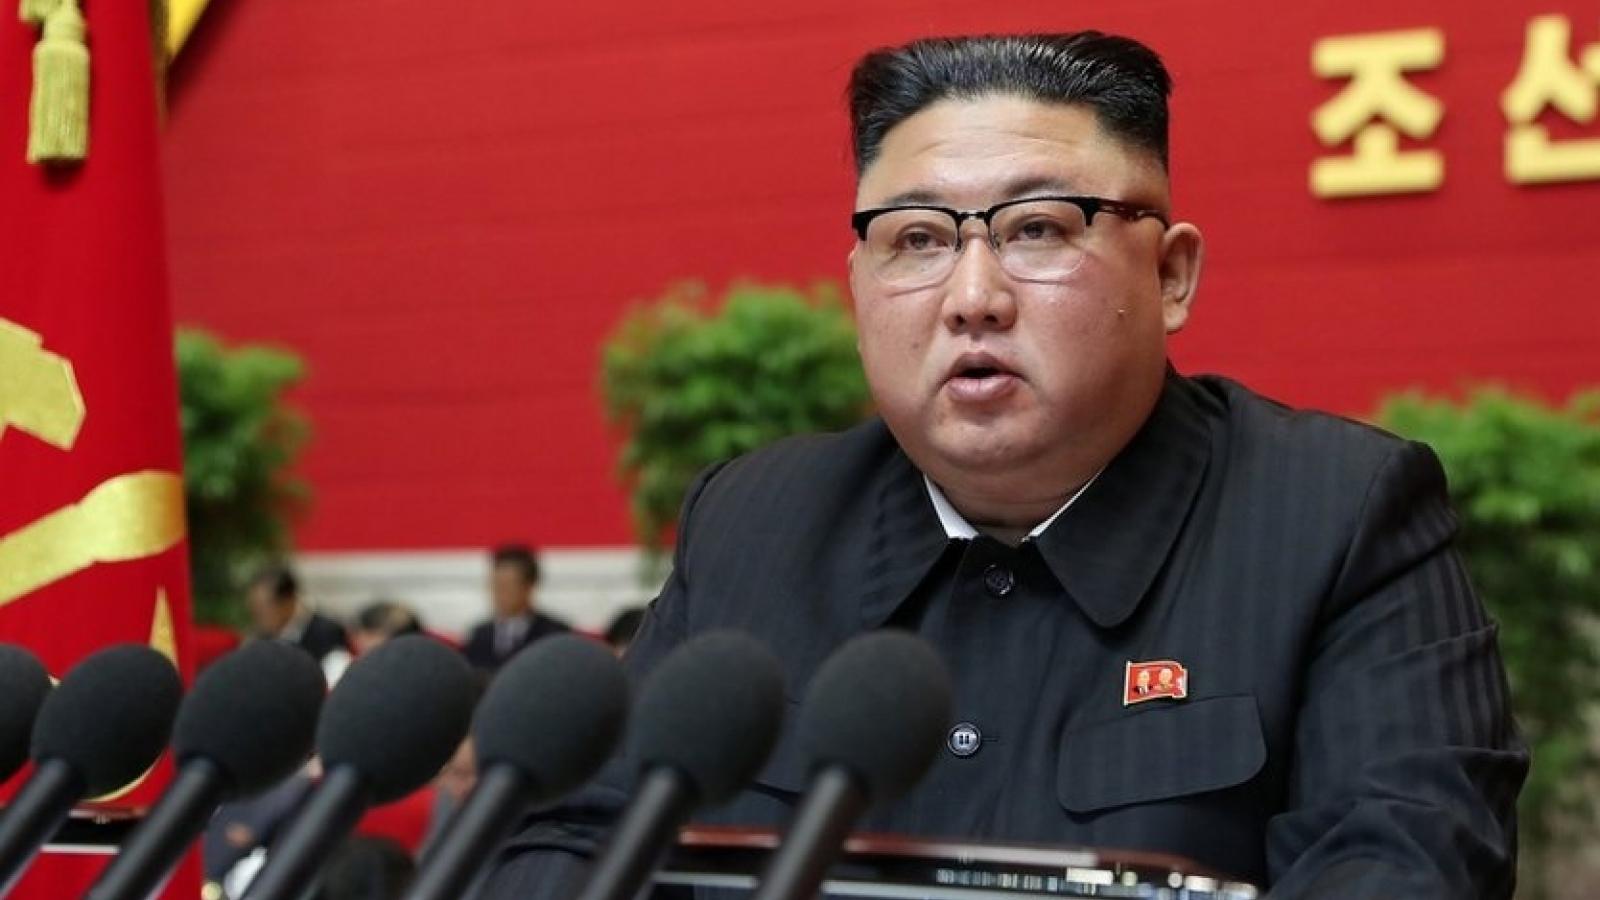 Triều Tiên sẽ tiếp tục phát triển vũ khí hạt nhân và tên lửa để nâng cao năng lực quân sự